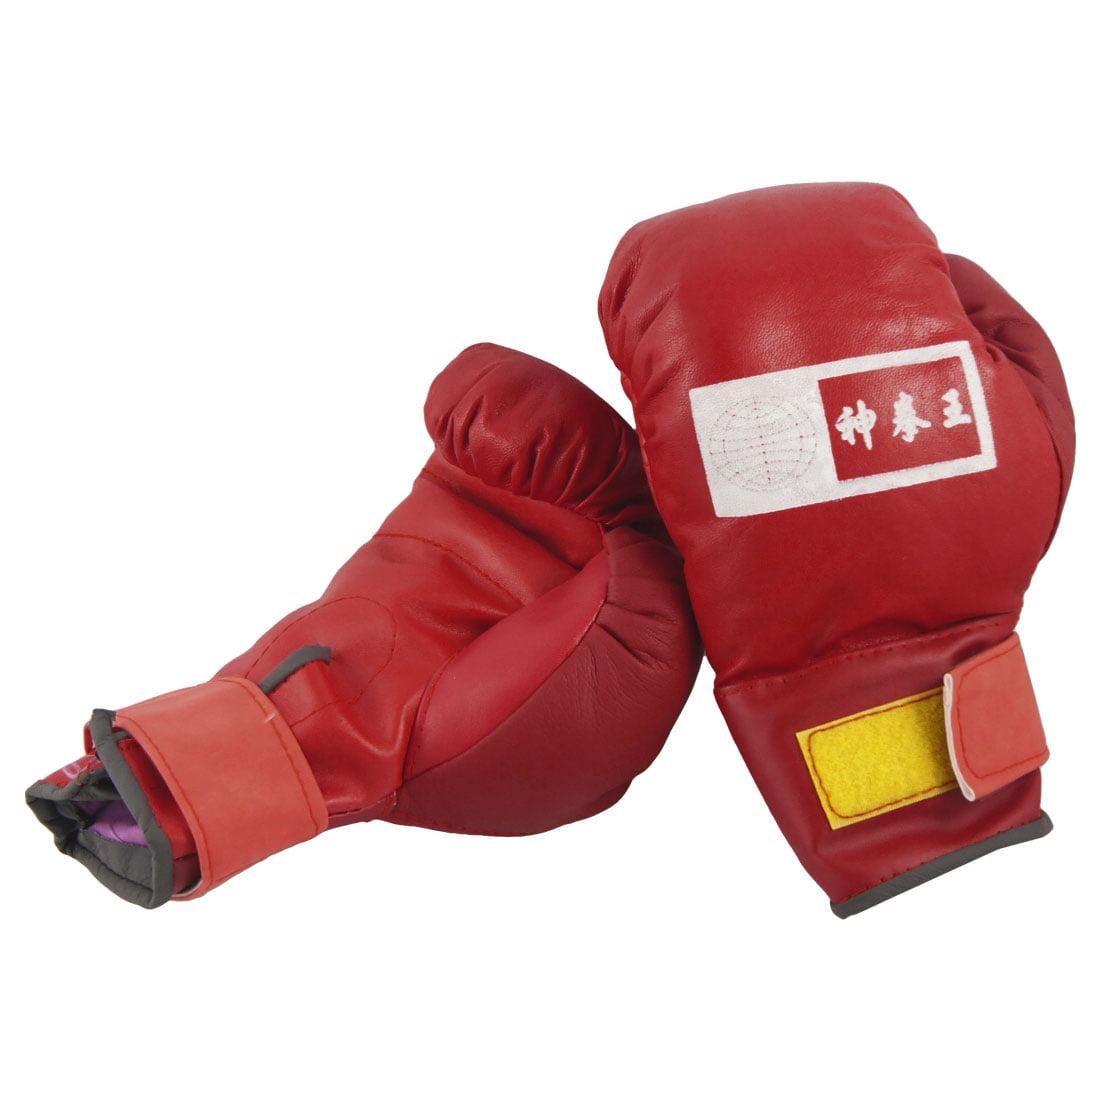 Unique Bargains Adjustable Faux Leather Kids Children Training Boxing Gloves